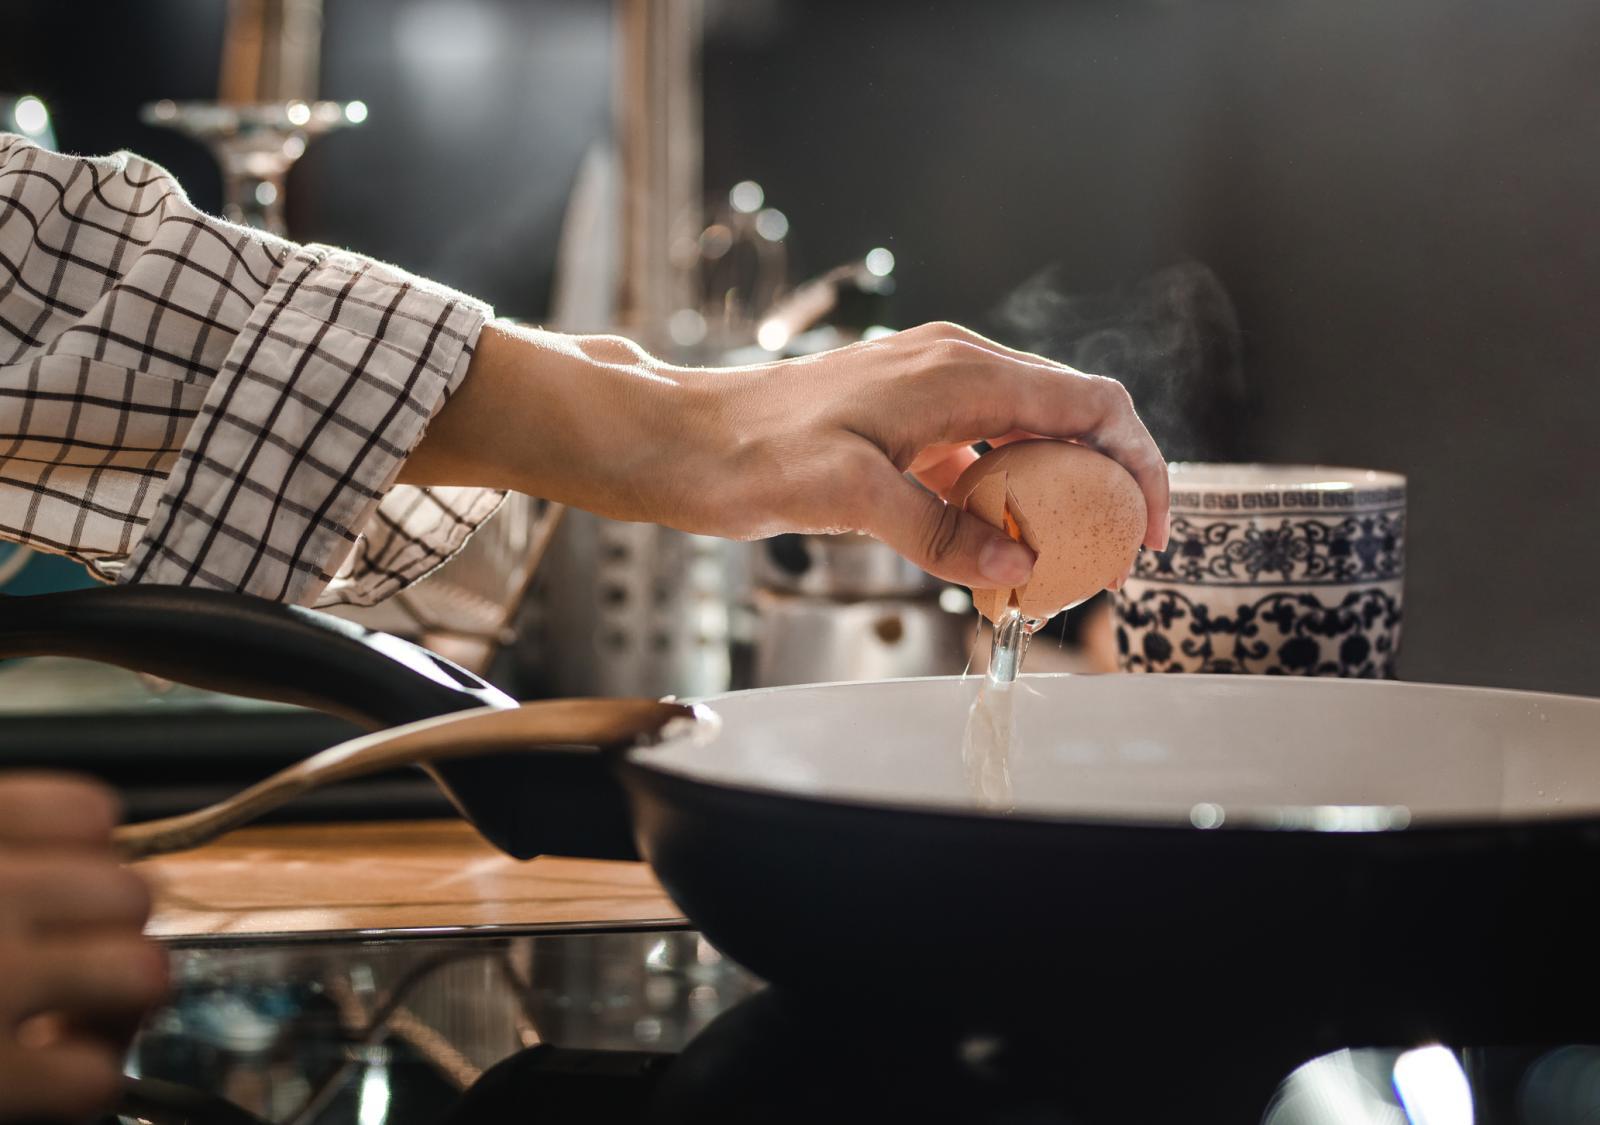 Opreza nikad dosta! Izbjegavajte pripremu jela i slastica od termički neobrađenih ili nedovoljno obrađenih jaja.